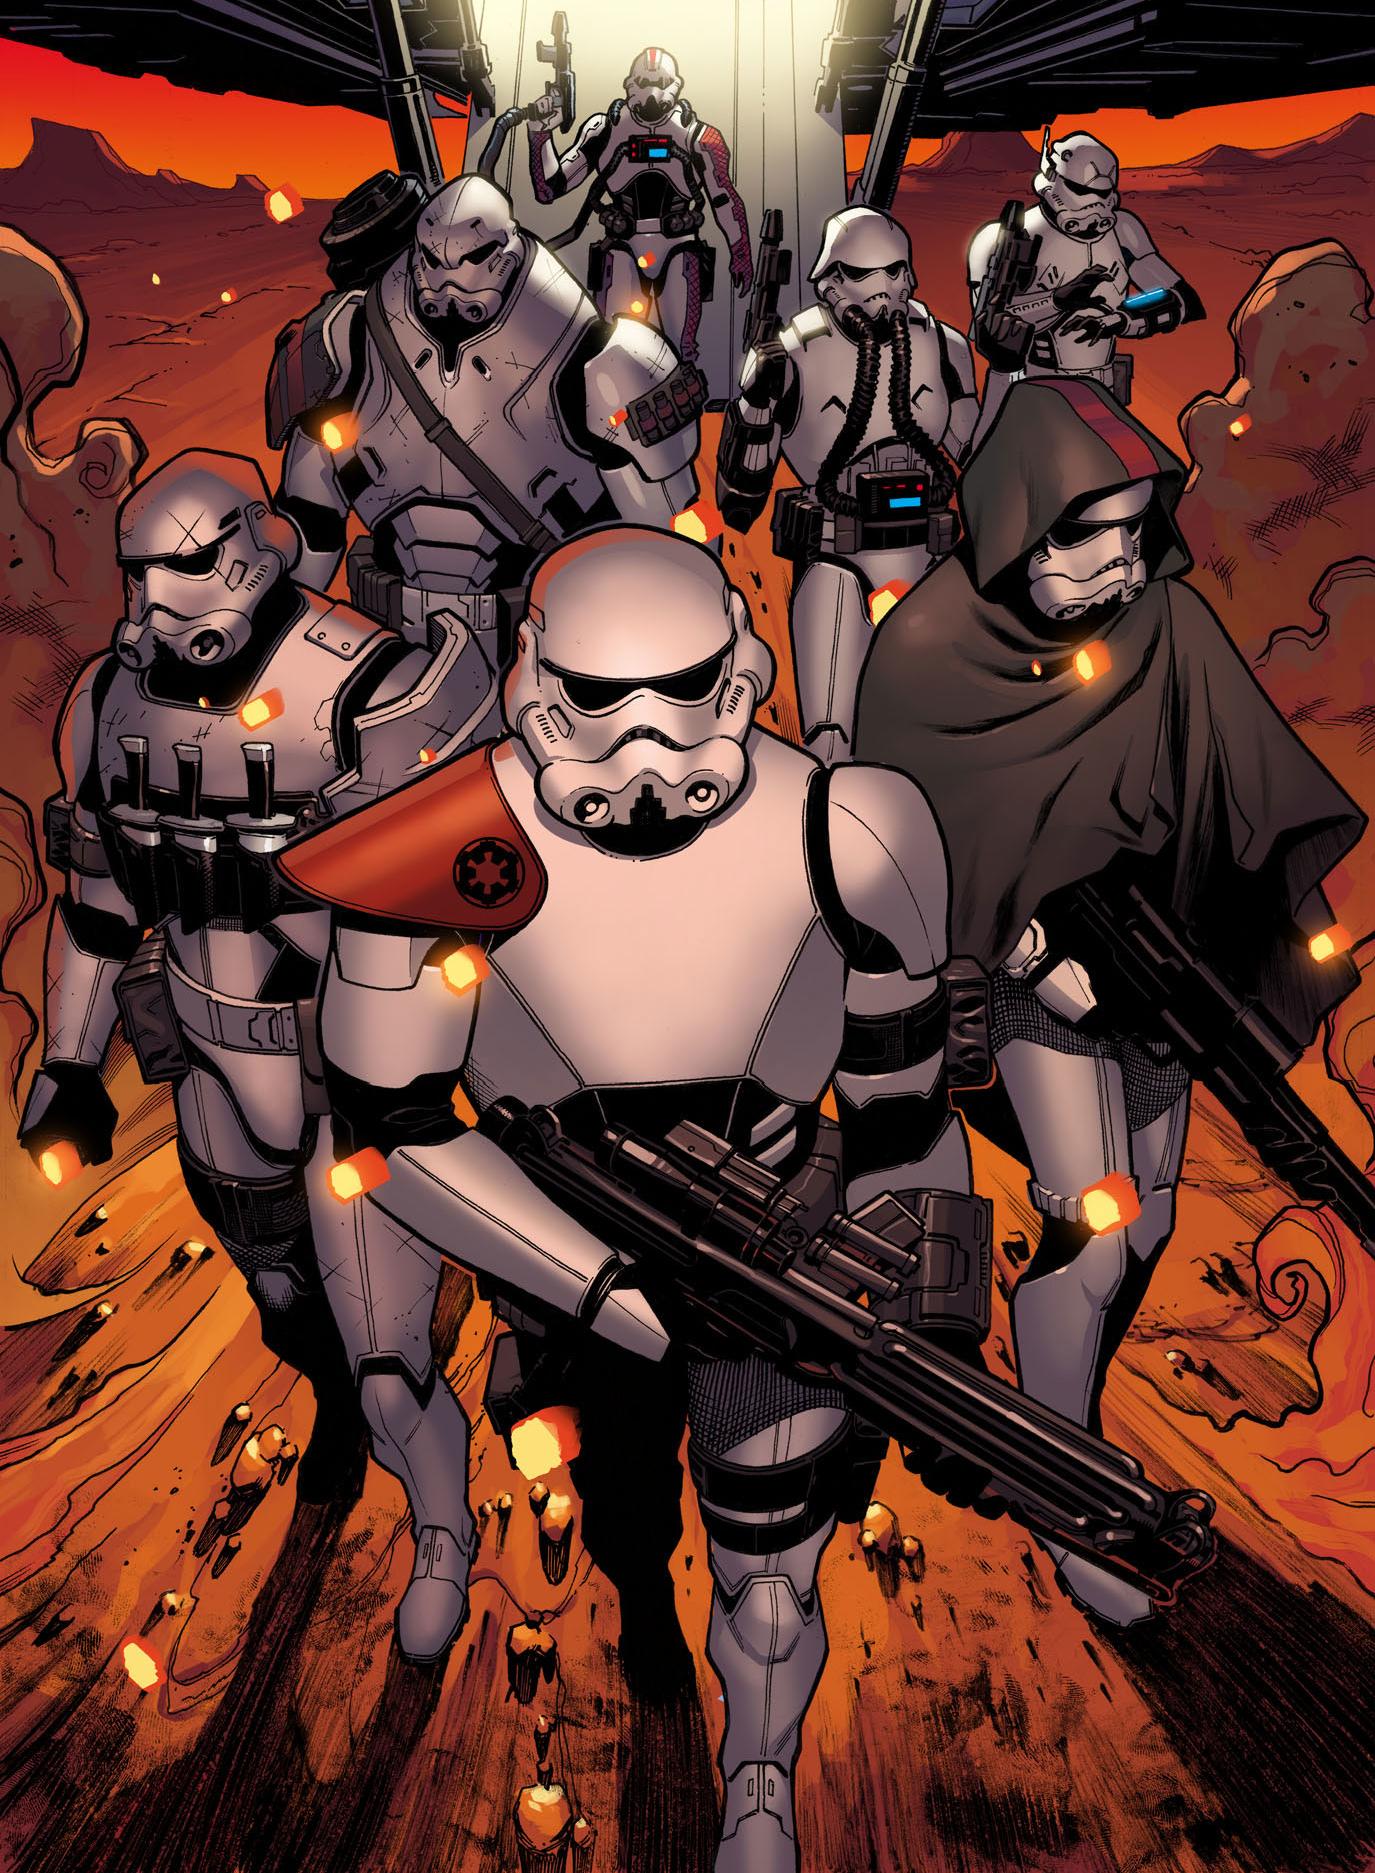 Elite Stormtrooper Promo Art for STAR WARS: THE FORCE AWAKENS ...